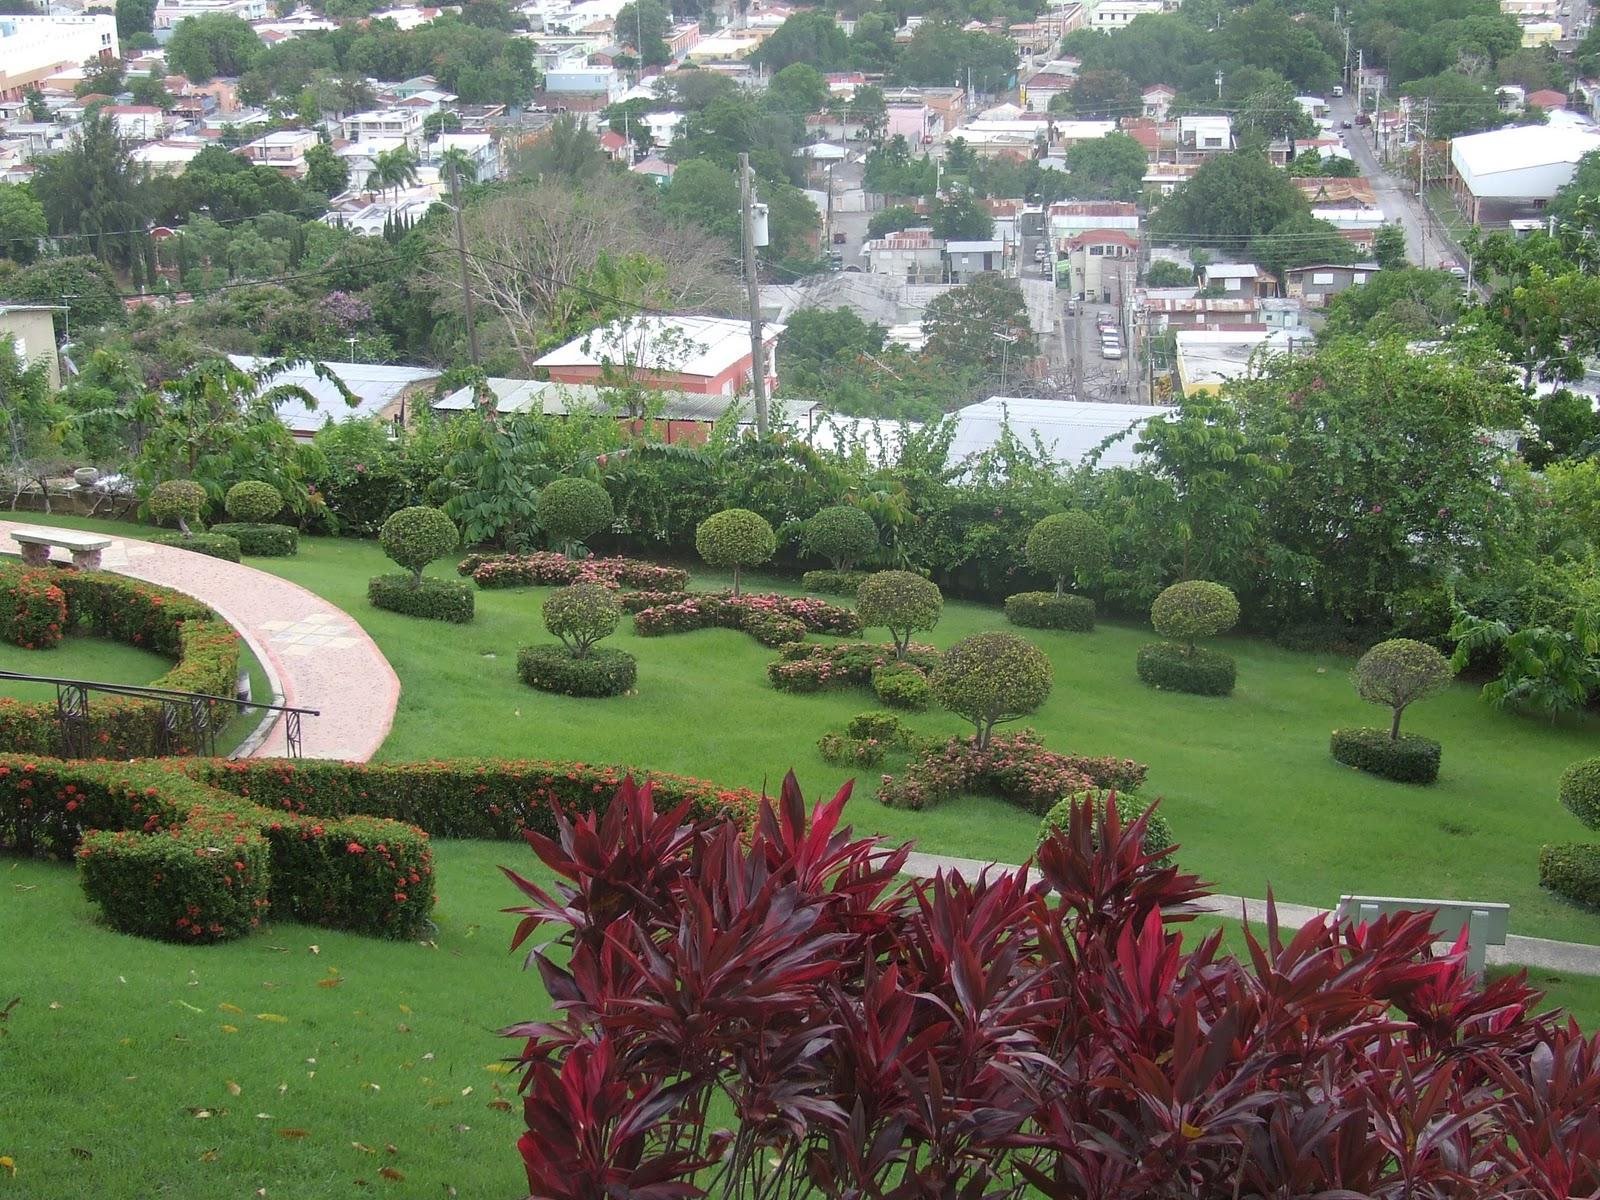 Jardines en puerto rico auto design tech for Jardin xanadu puerto rico